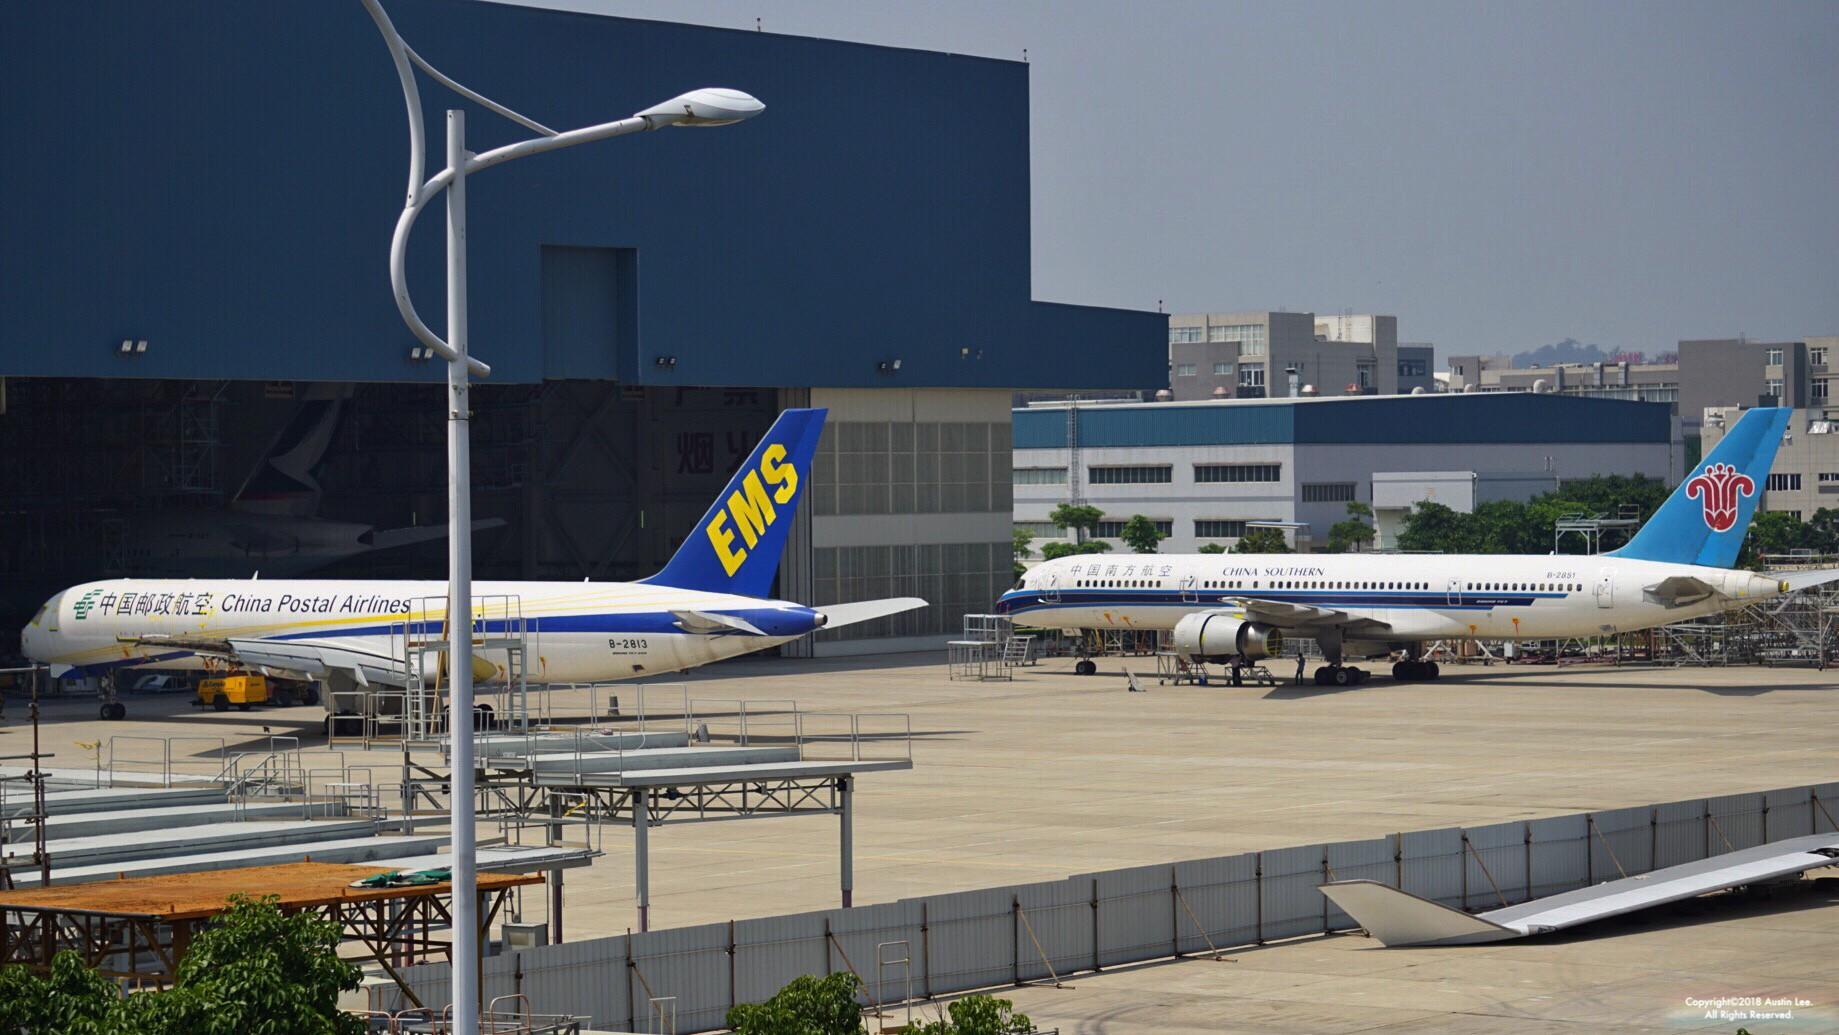 Re:[原创]【XMN】【多图】来接max~首次在厦门和死党们拍机~May.26th记 BOEING 757-200 B-2813 中国厦门高崎国际机场